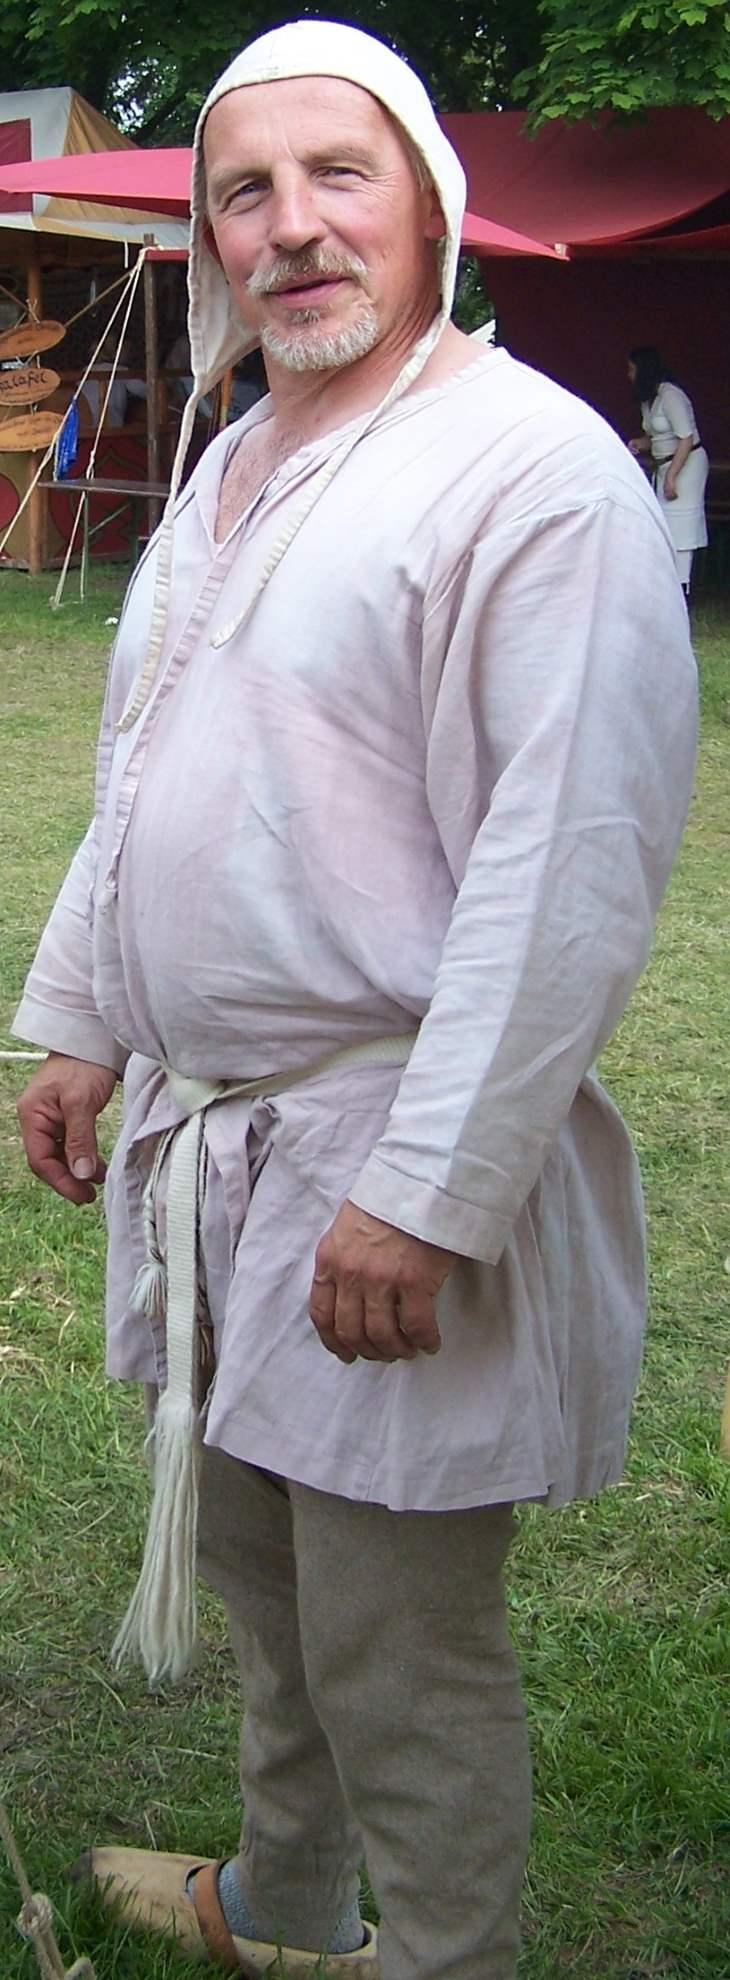 männliche Darstellung mit Unterwäsche